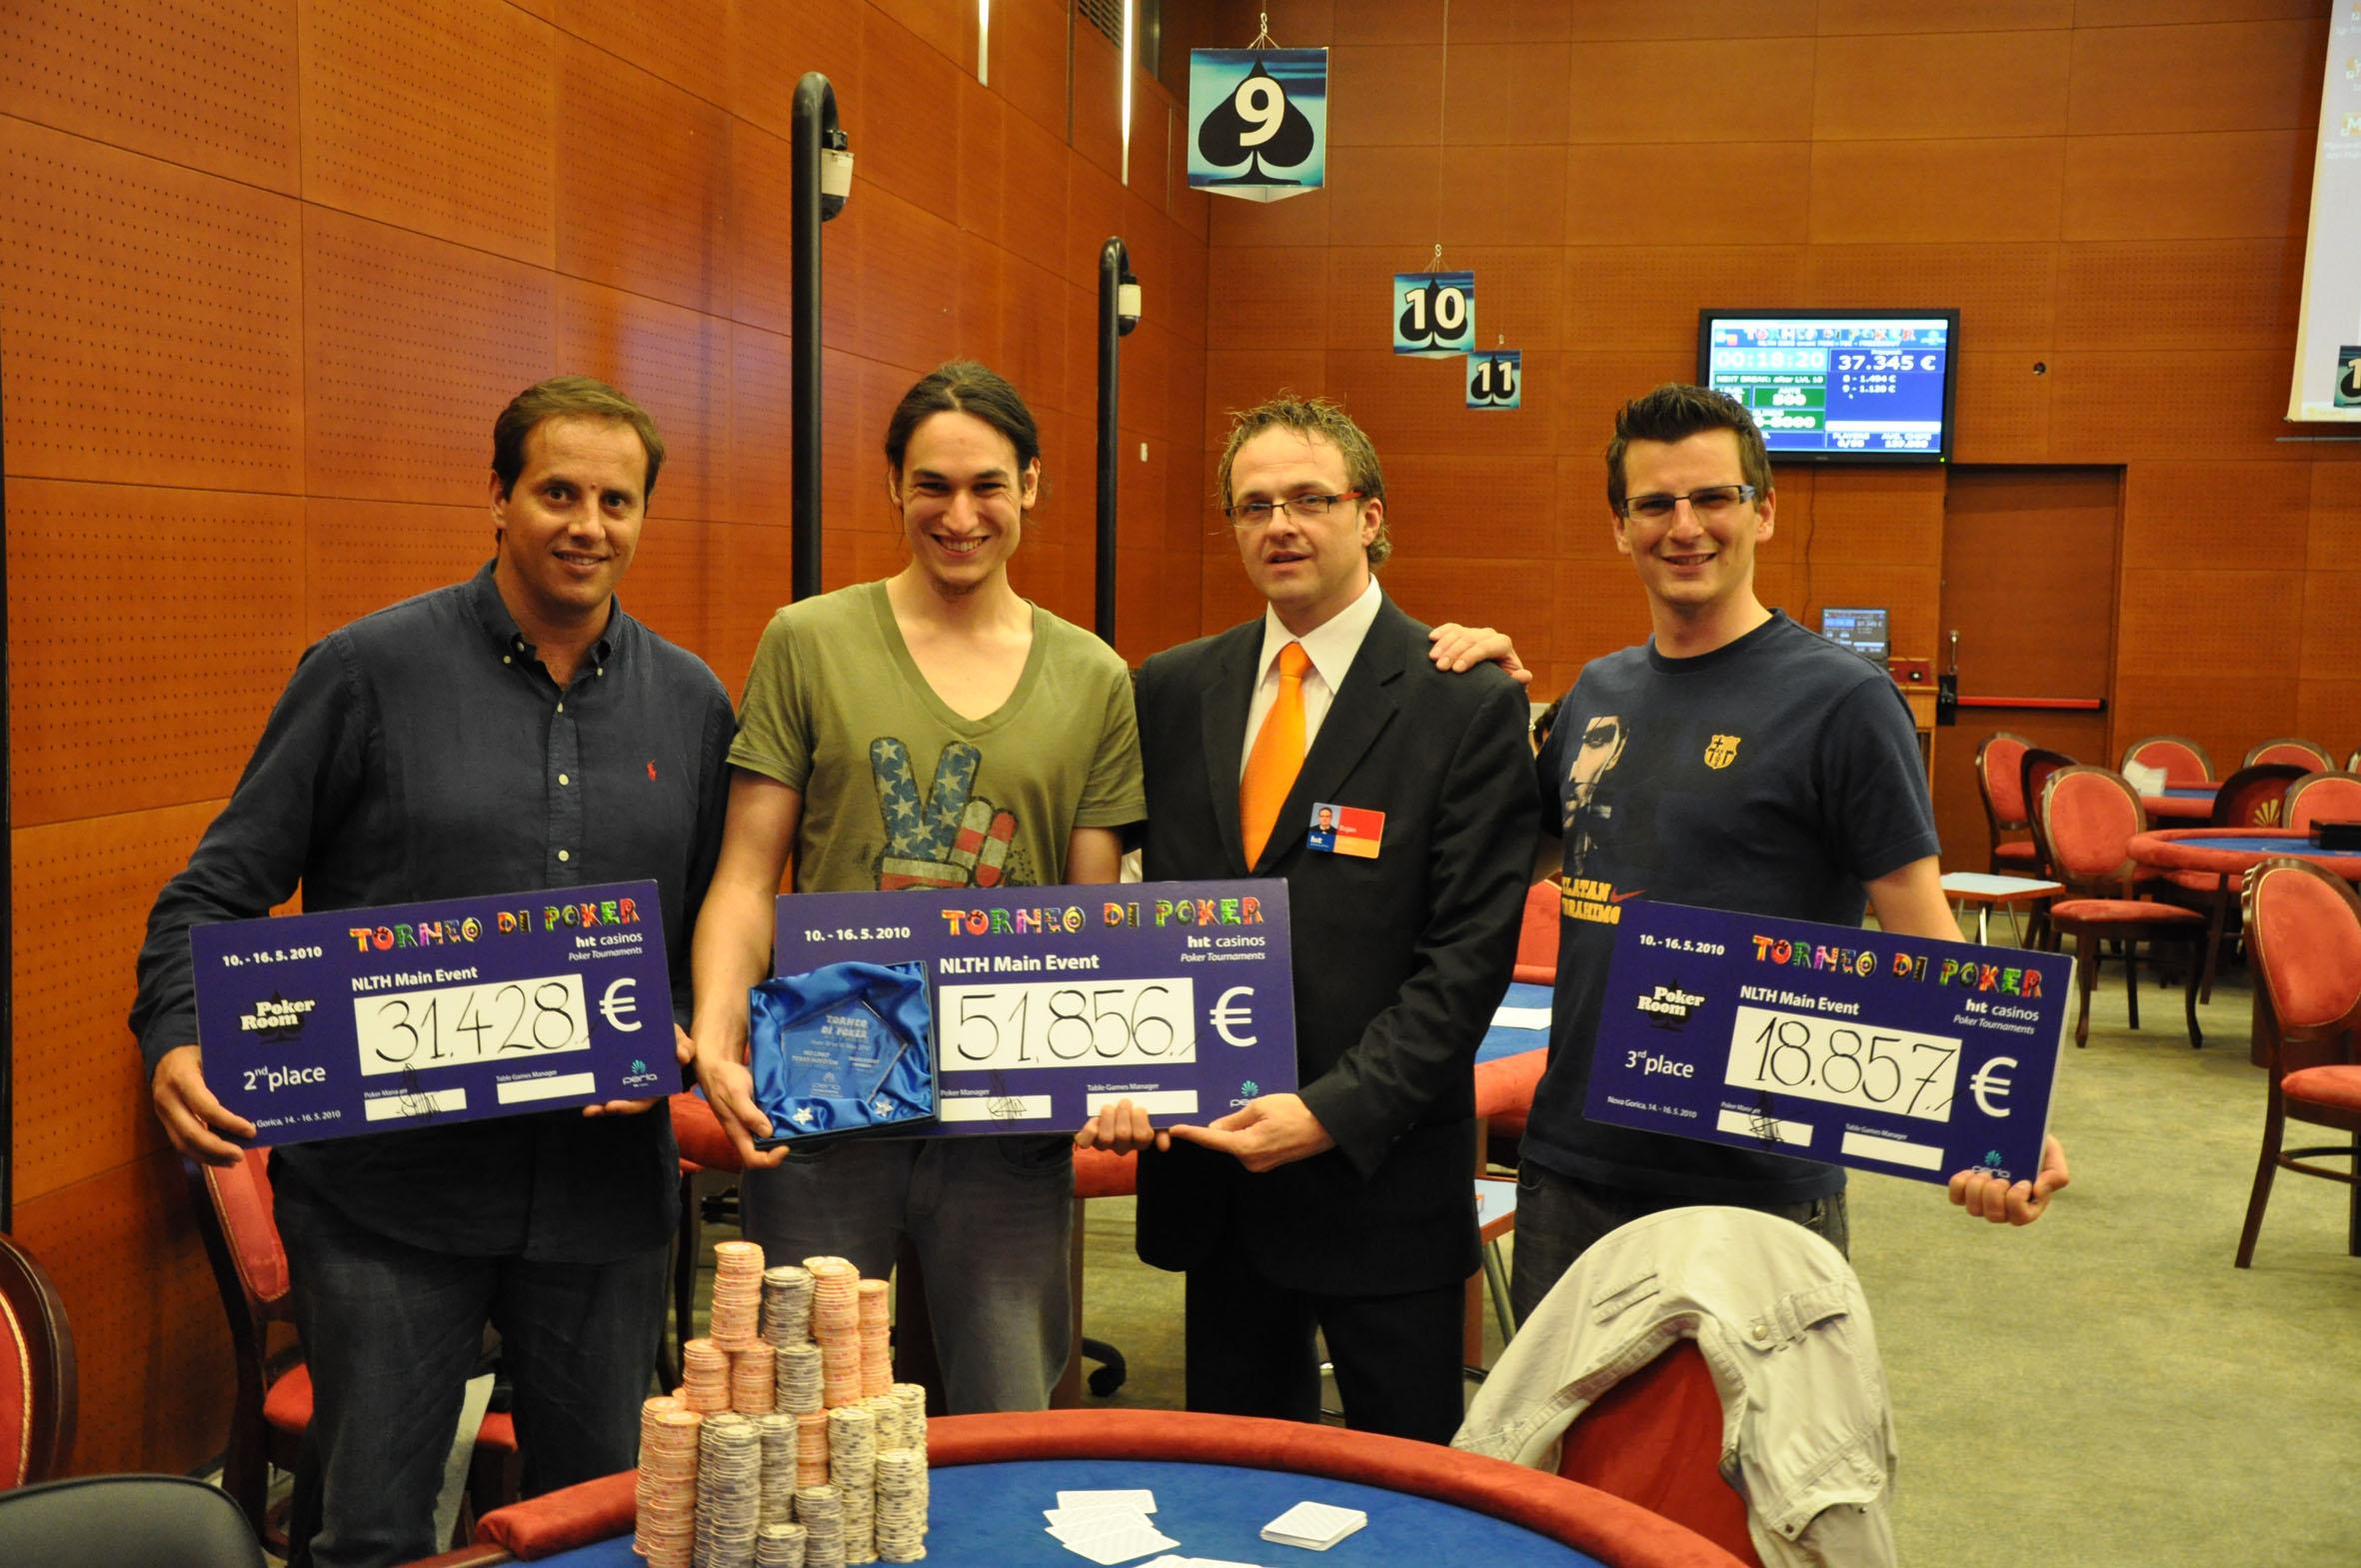 La sala de póquer de ladbrokes lbpoker presenta el torneo-867